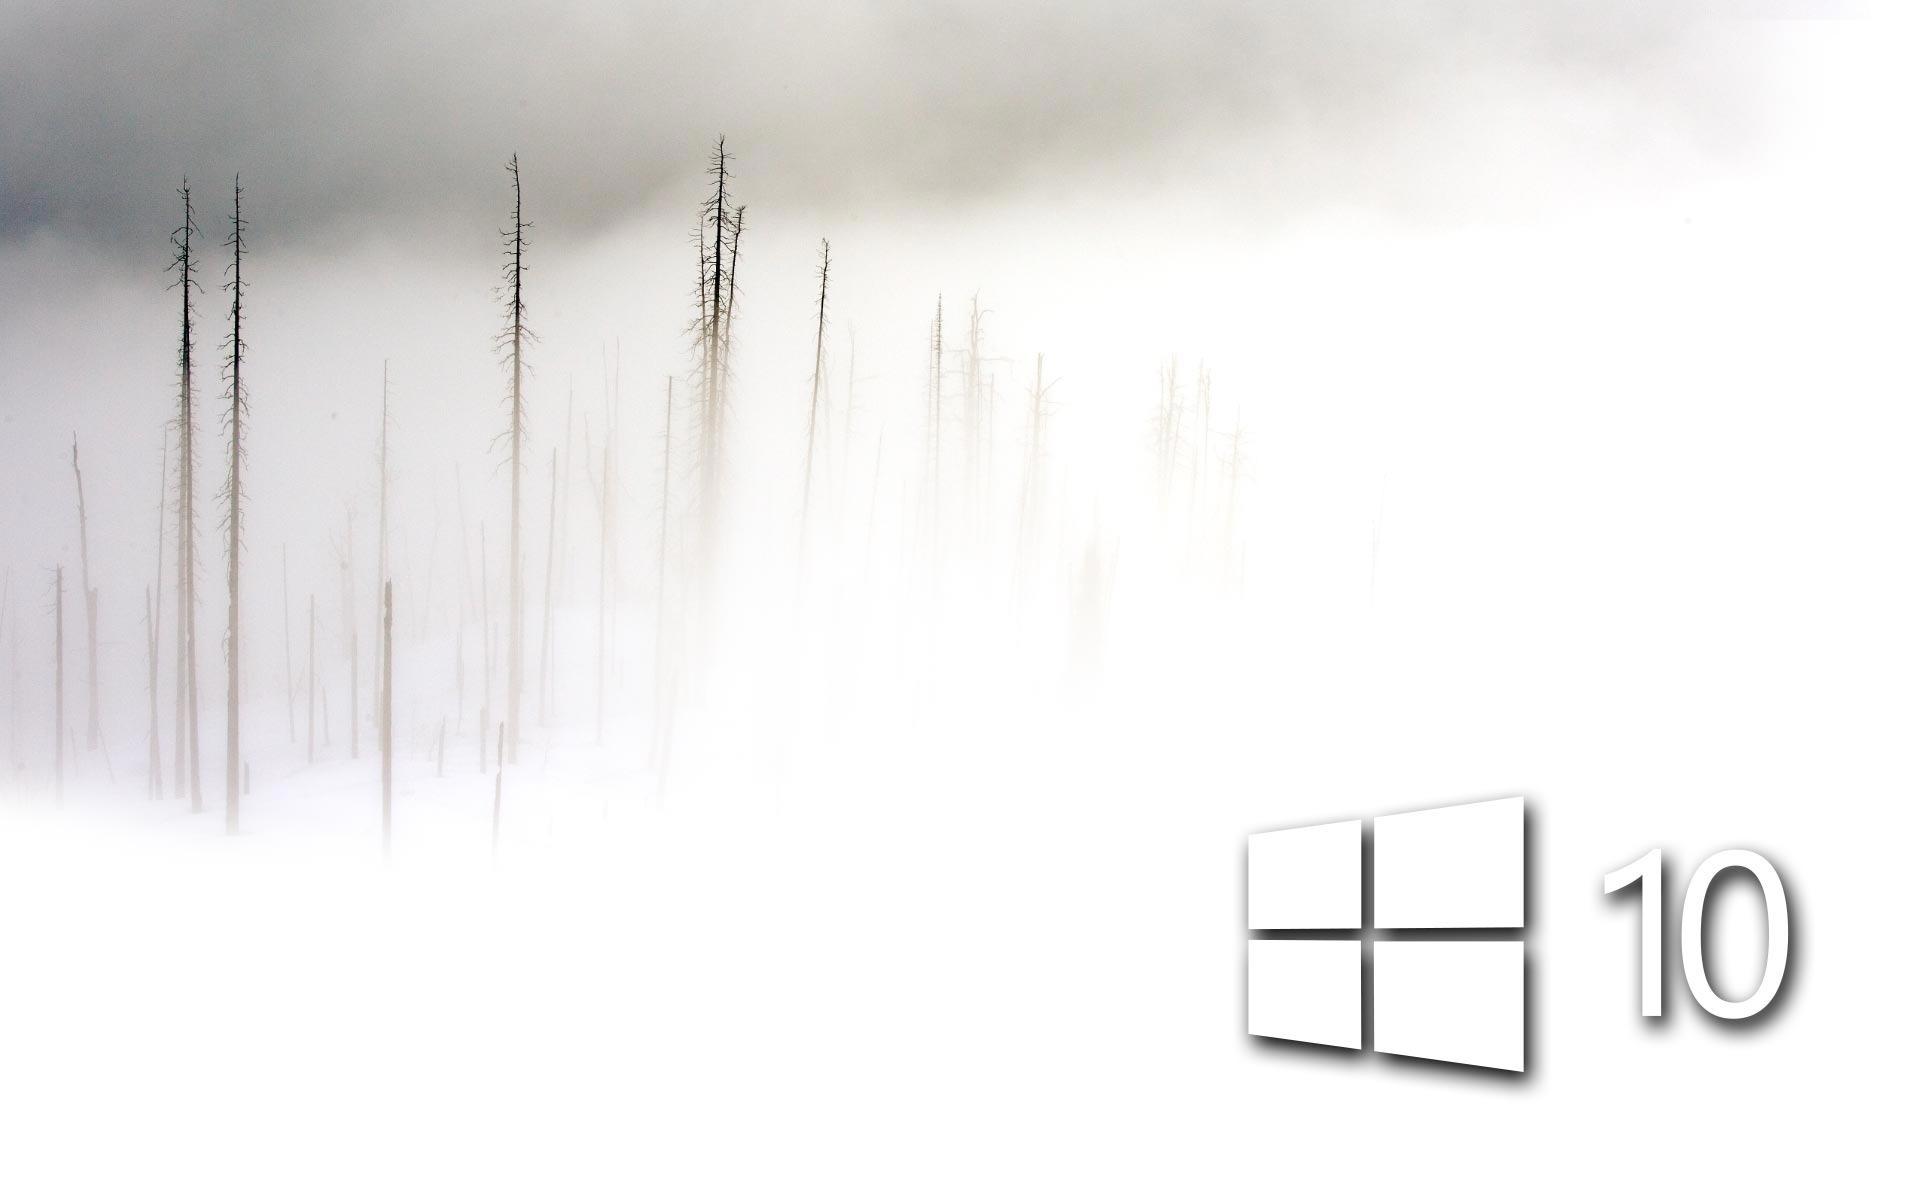 White Windows 10 In The Foam Frozen Wallpaper